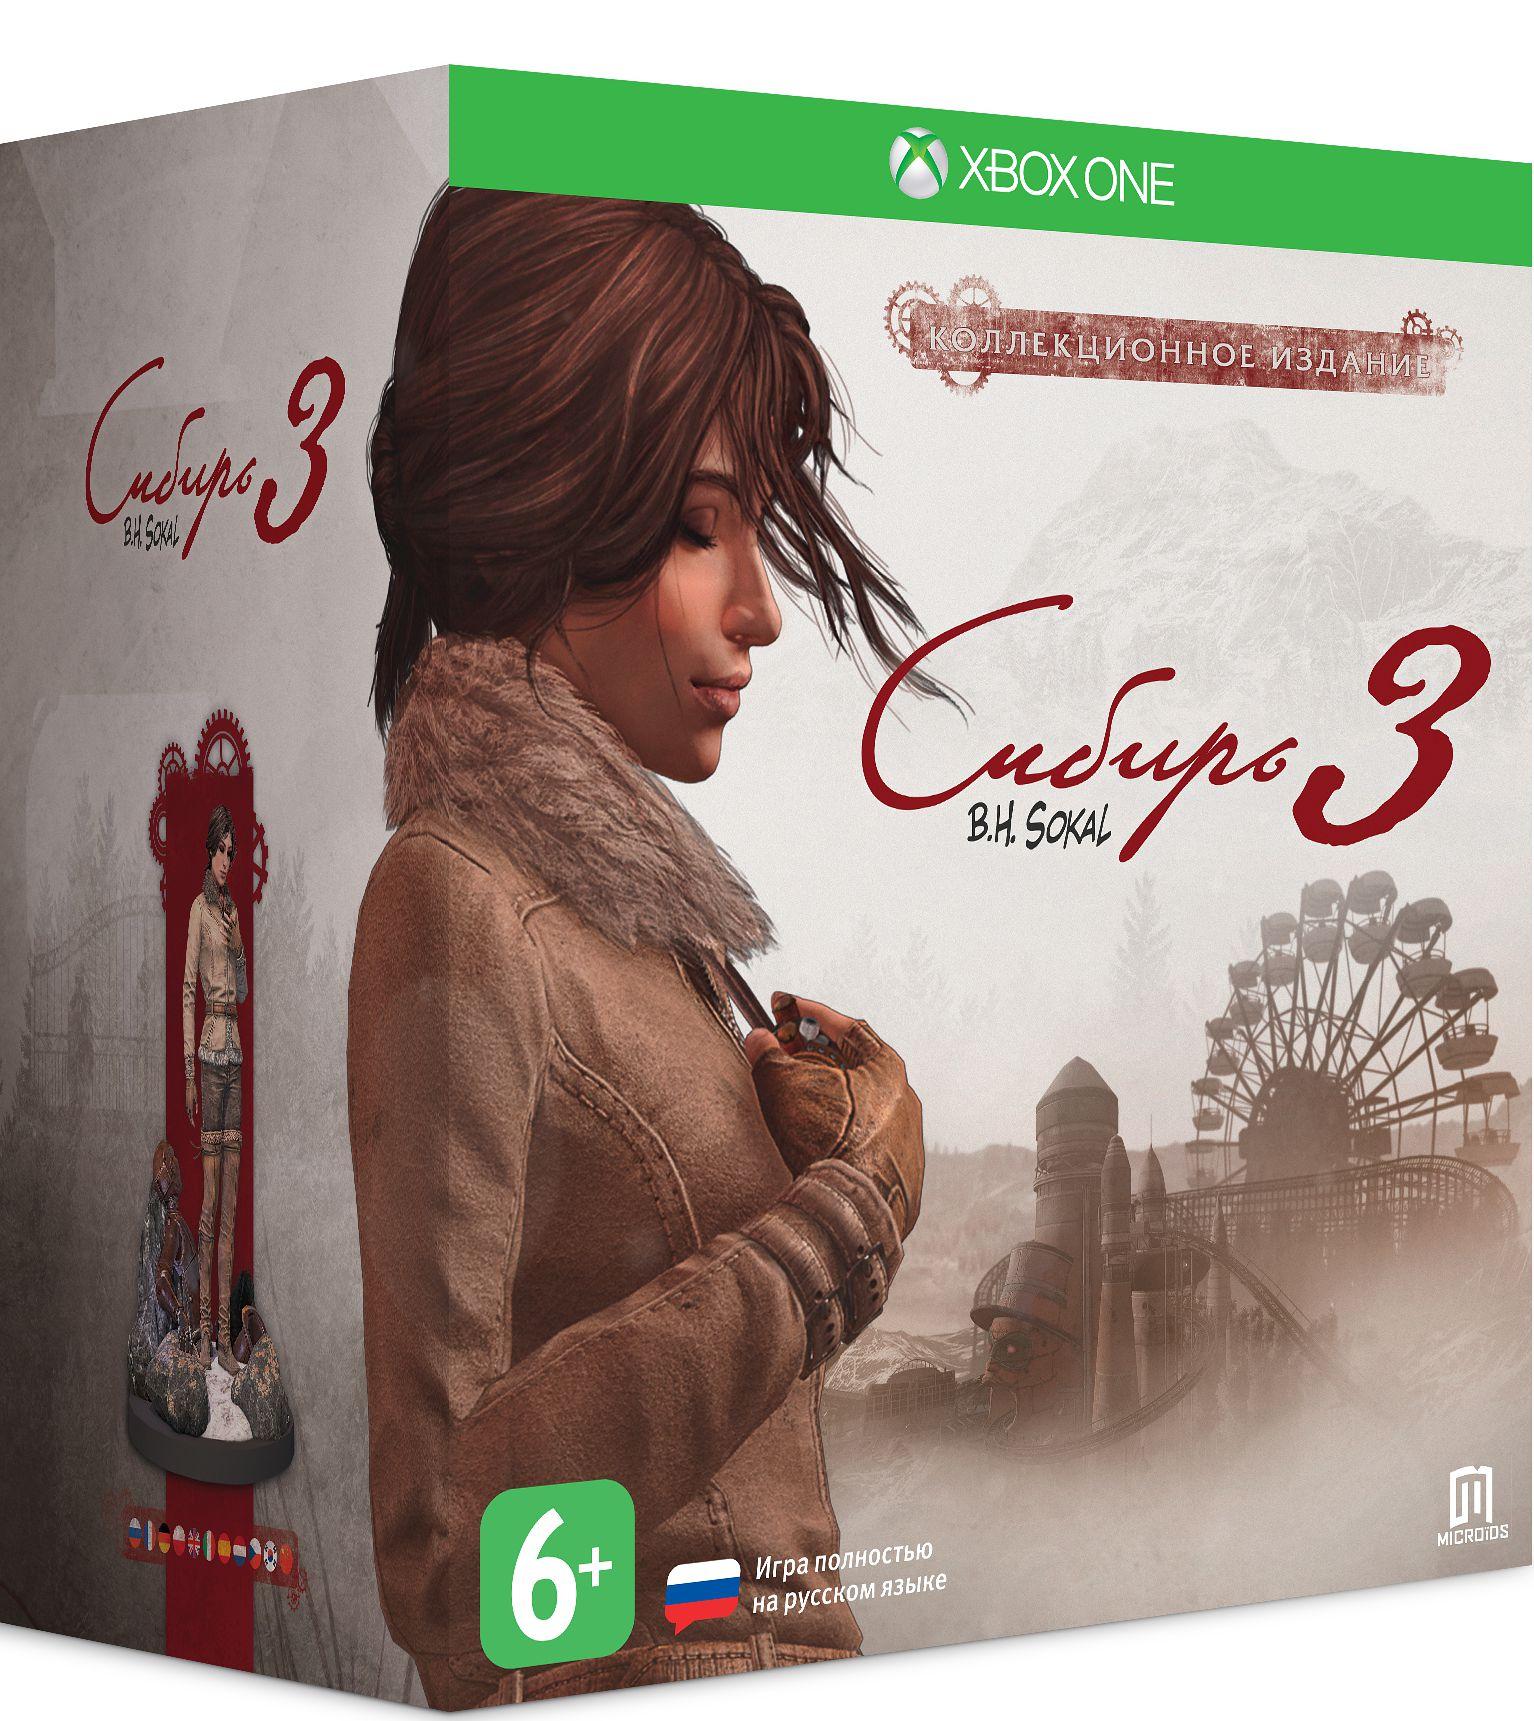 Сибирь 3. Коллекционное издание [Xbox One]